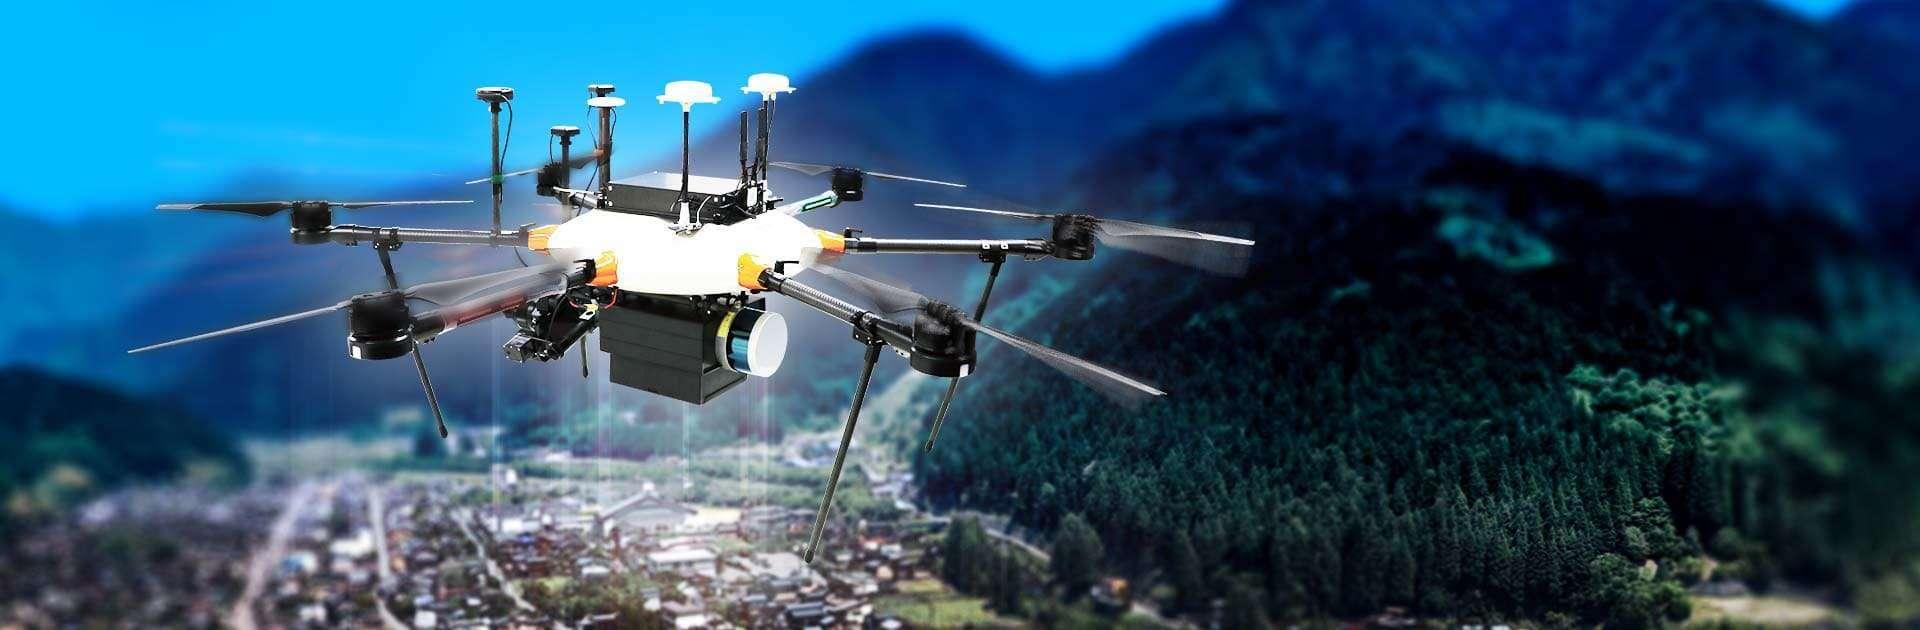 UAV(ドローン)計測